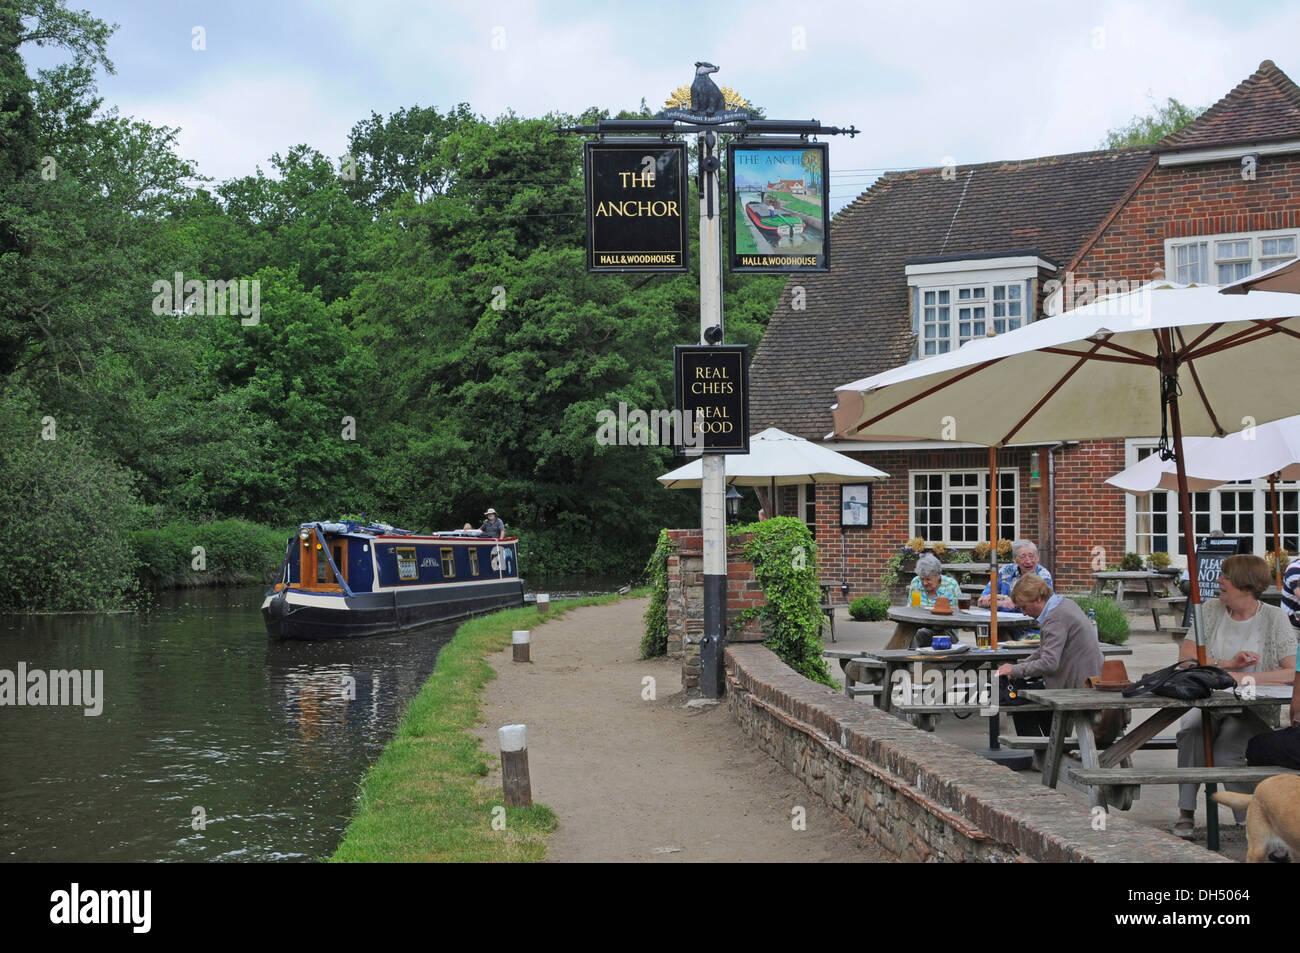 Houseboat, narrow boat, next to a pub, Woking, Surrey, England, United Kingdom, Europe - Stock Image